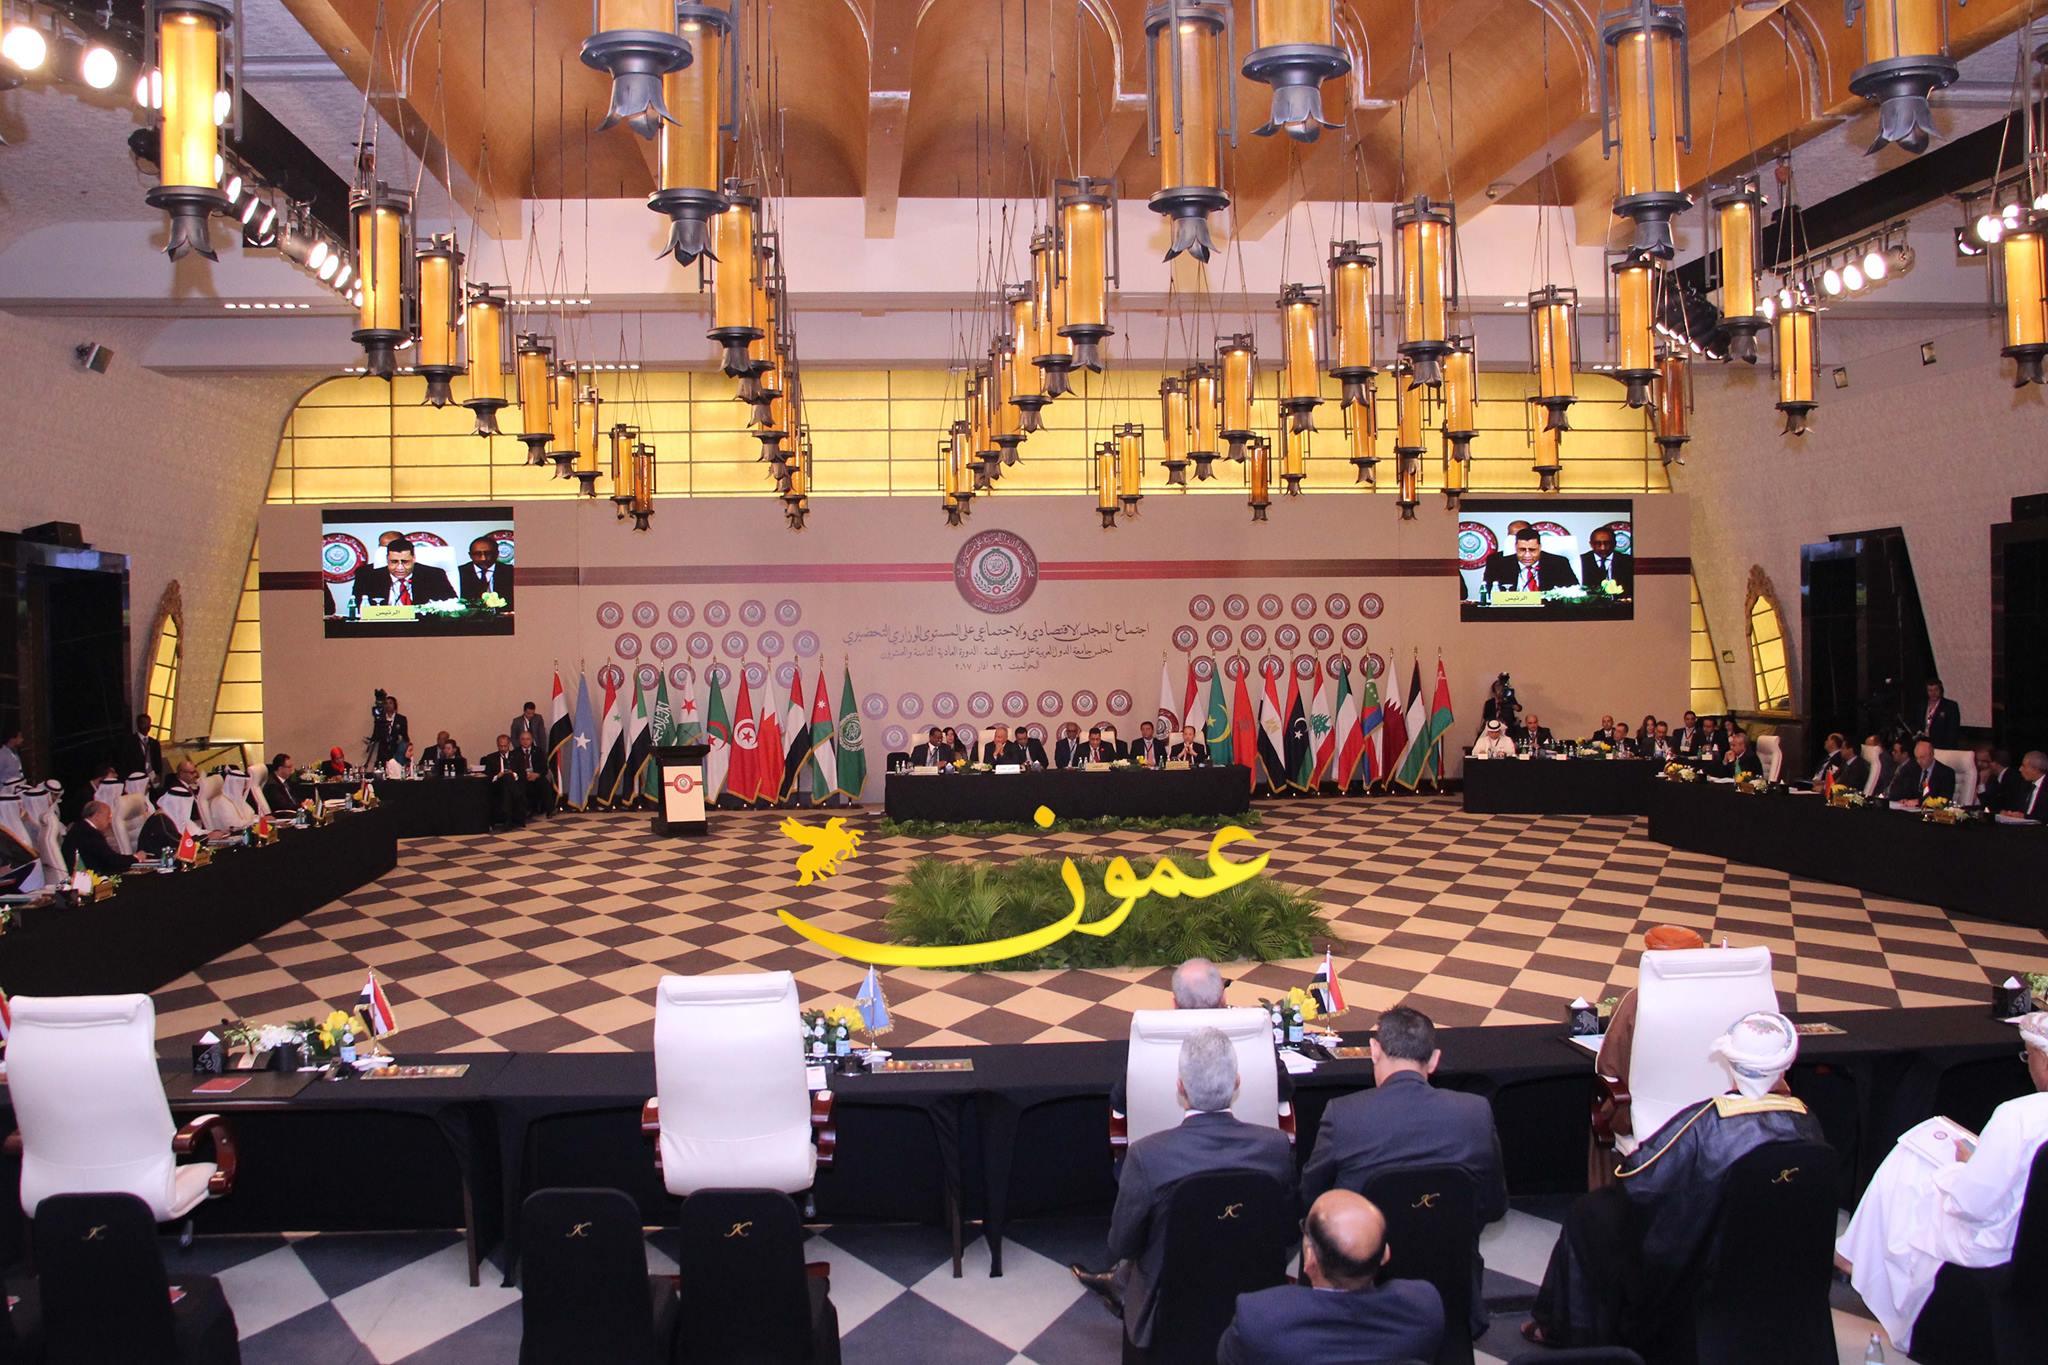 الأردن يتسلم رئاسة المجلس الاقتصادي (صور)